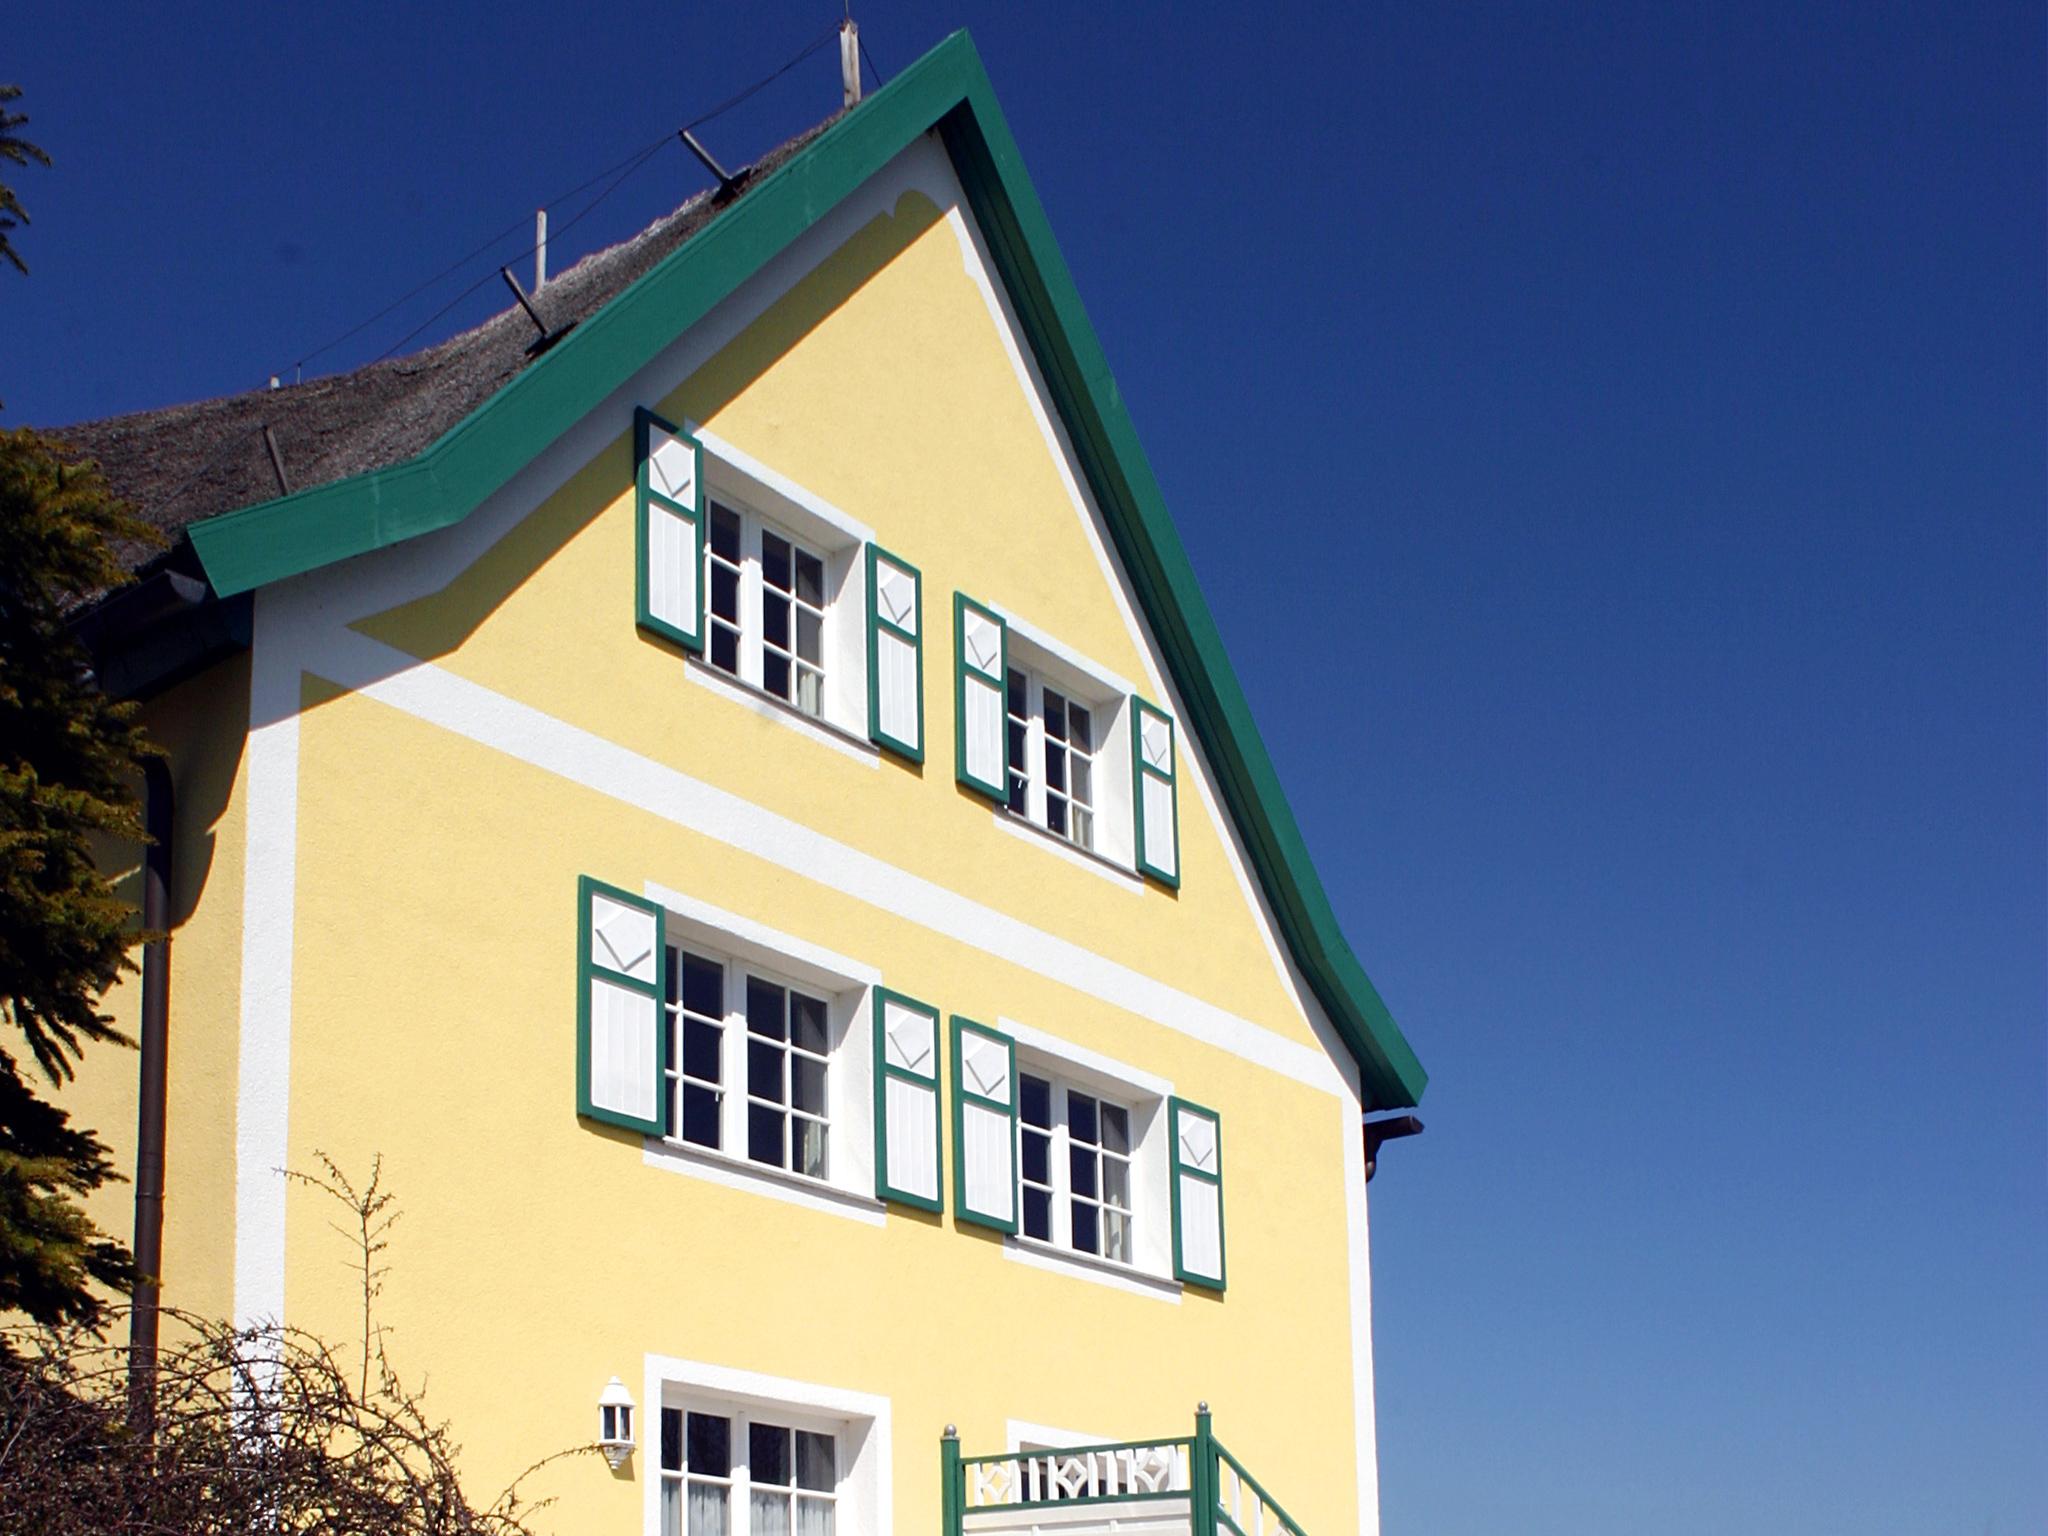 Ferienwohnung Ferienanlage Alt Reddevitz, (Alt Reddevitz). Ferienwohnung Neukölln, 35 qm, 1 Schlafzimmer (1029663), Alt Reddevitz, Rügen, Mecklenburg-Vorpommern, Deutschland, Bild 12